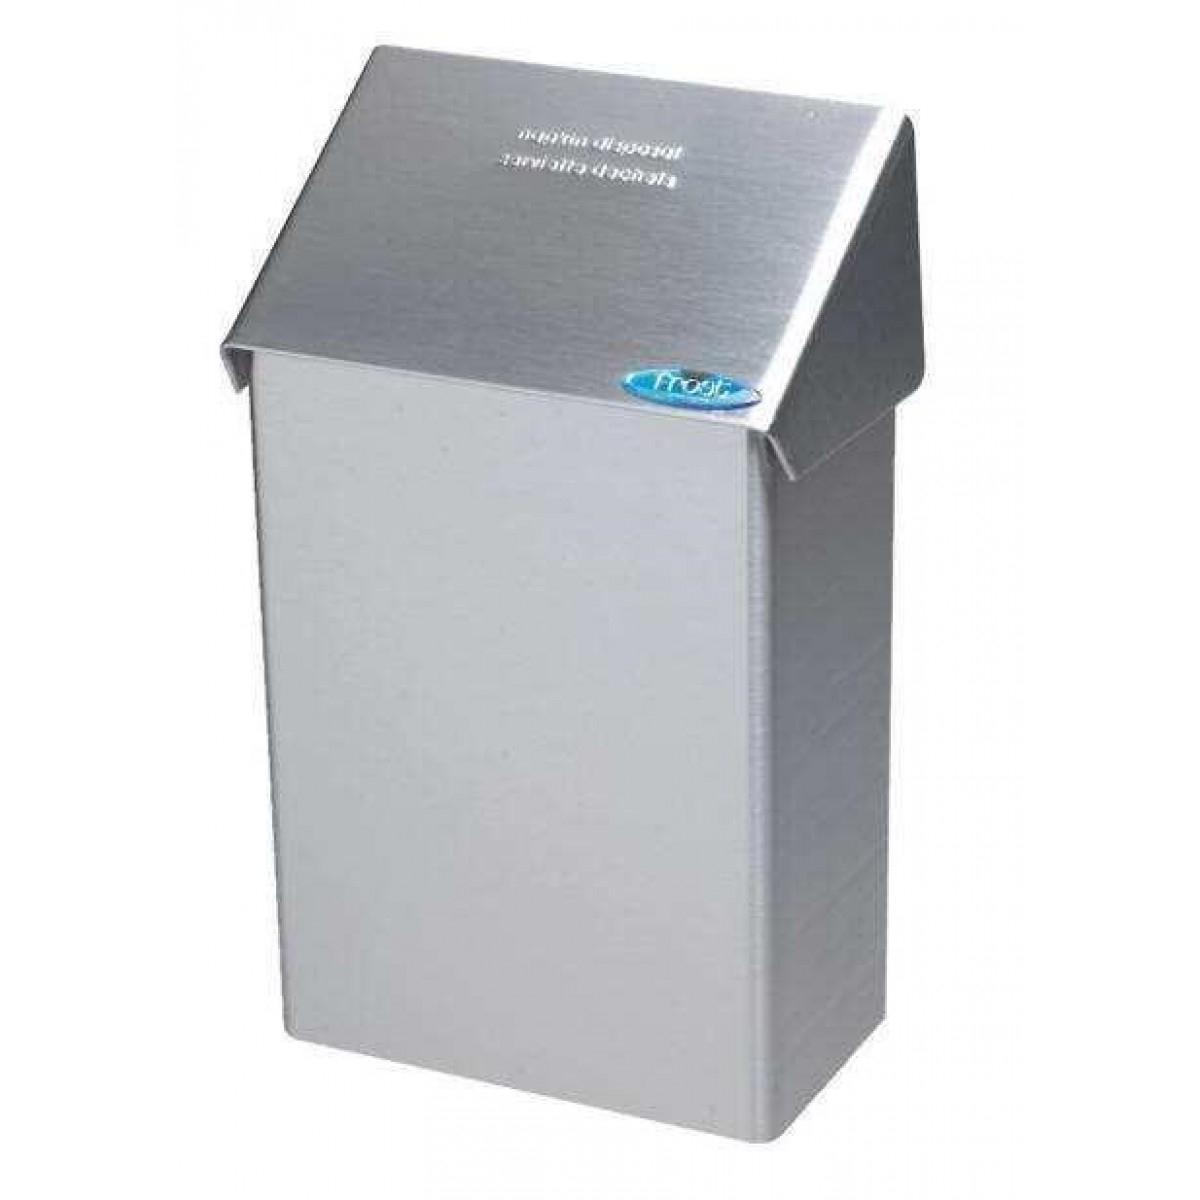 Poubelle En Acier Inoxydable Pour Serviettes Hygiéniques concernant Poubelle Toilette